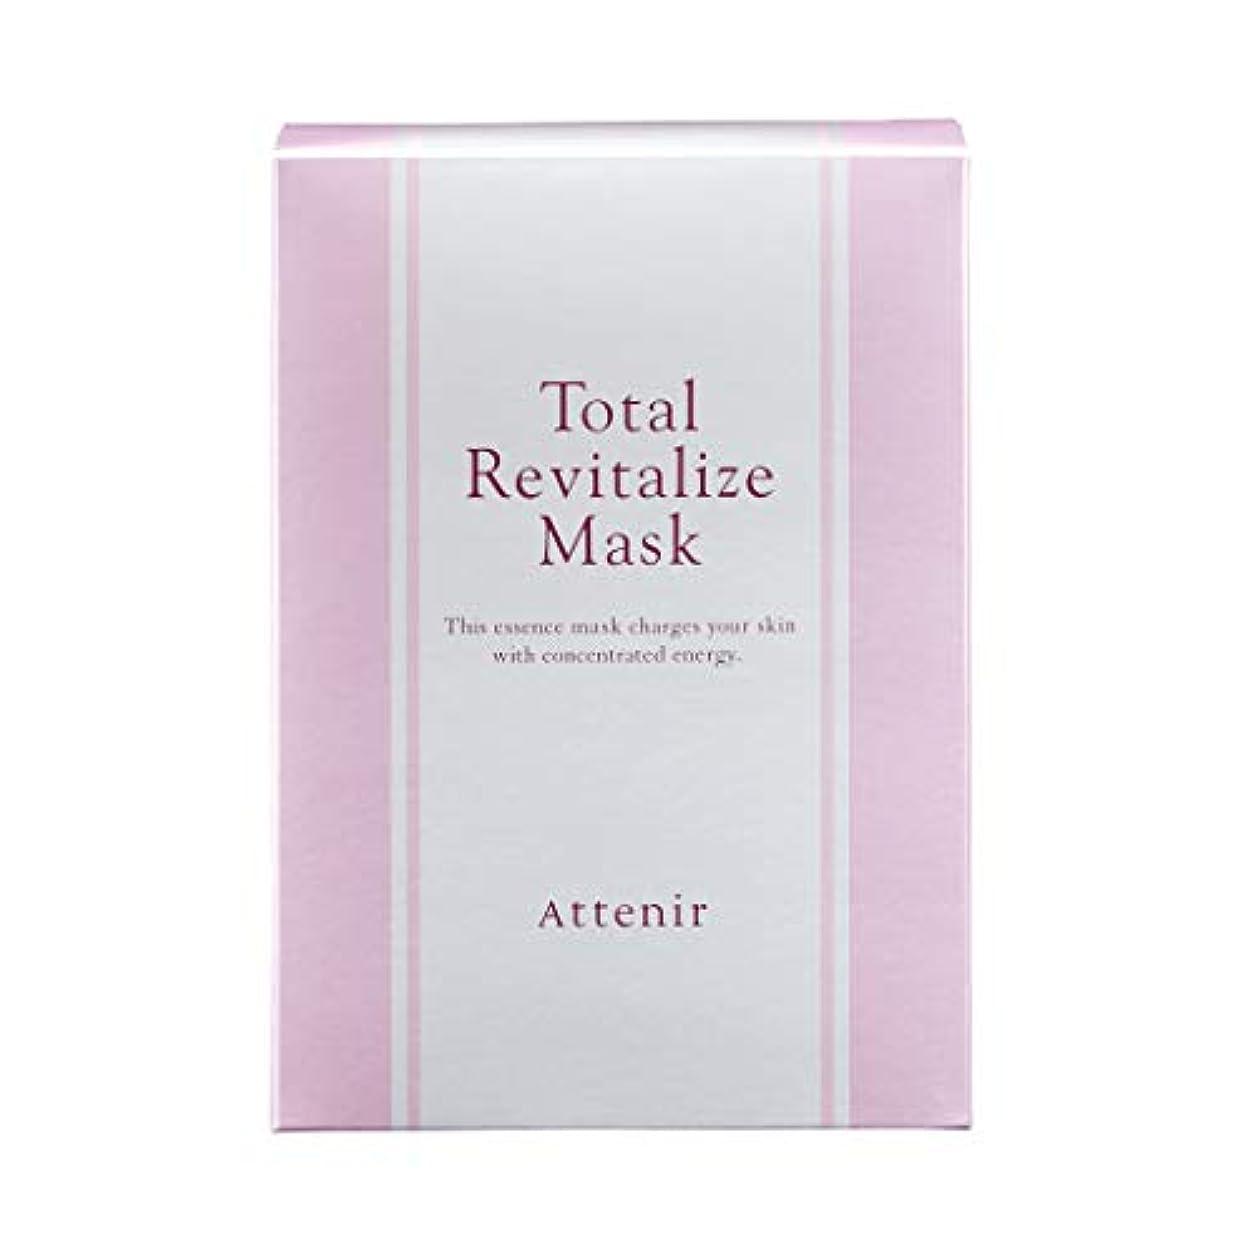 干渉する滑り台見物人アテニア トータルリヴァイタライズ マスク肌疲労ケアシートマスク 全顔用 6包入り